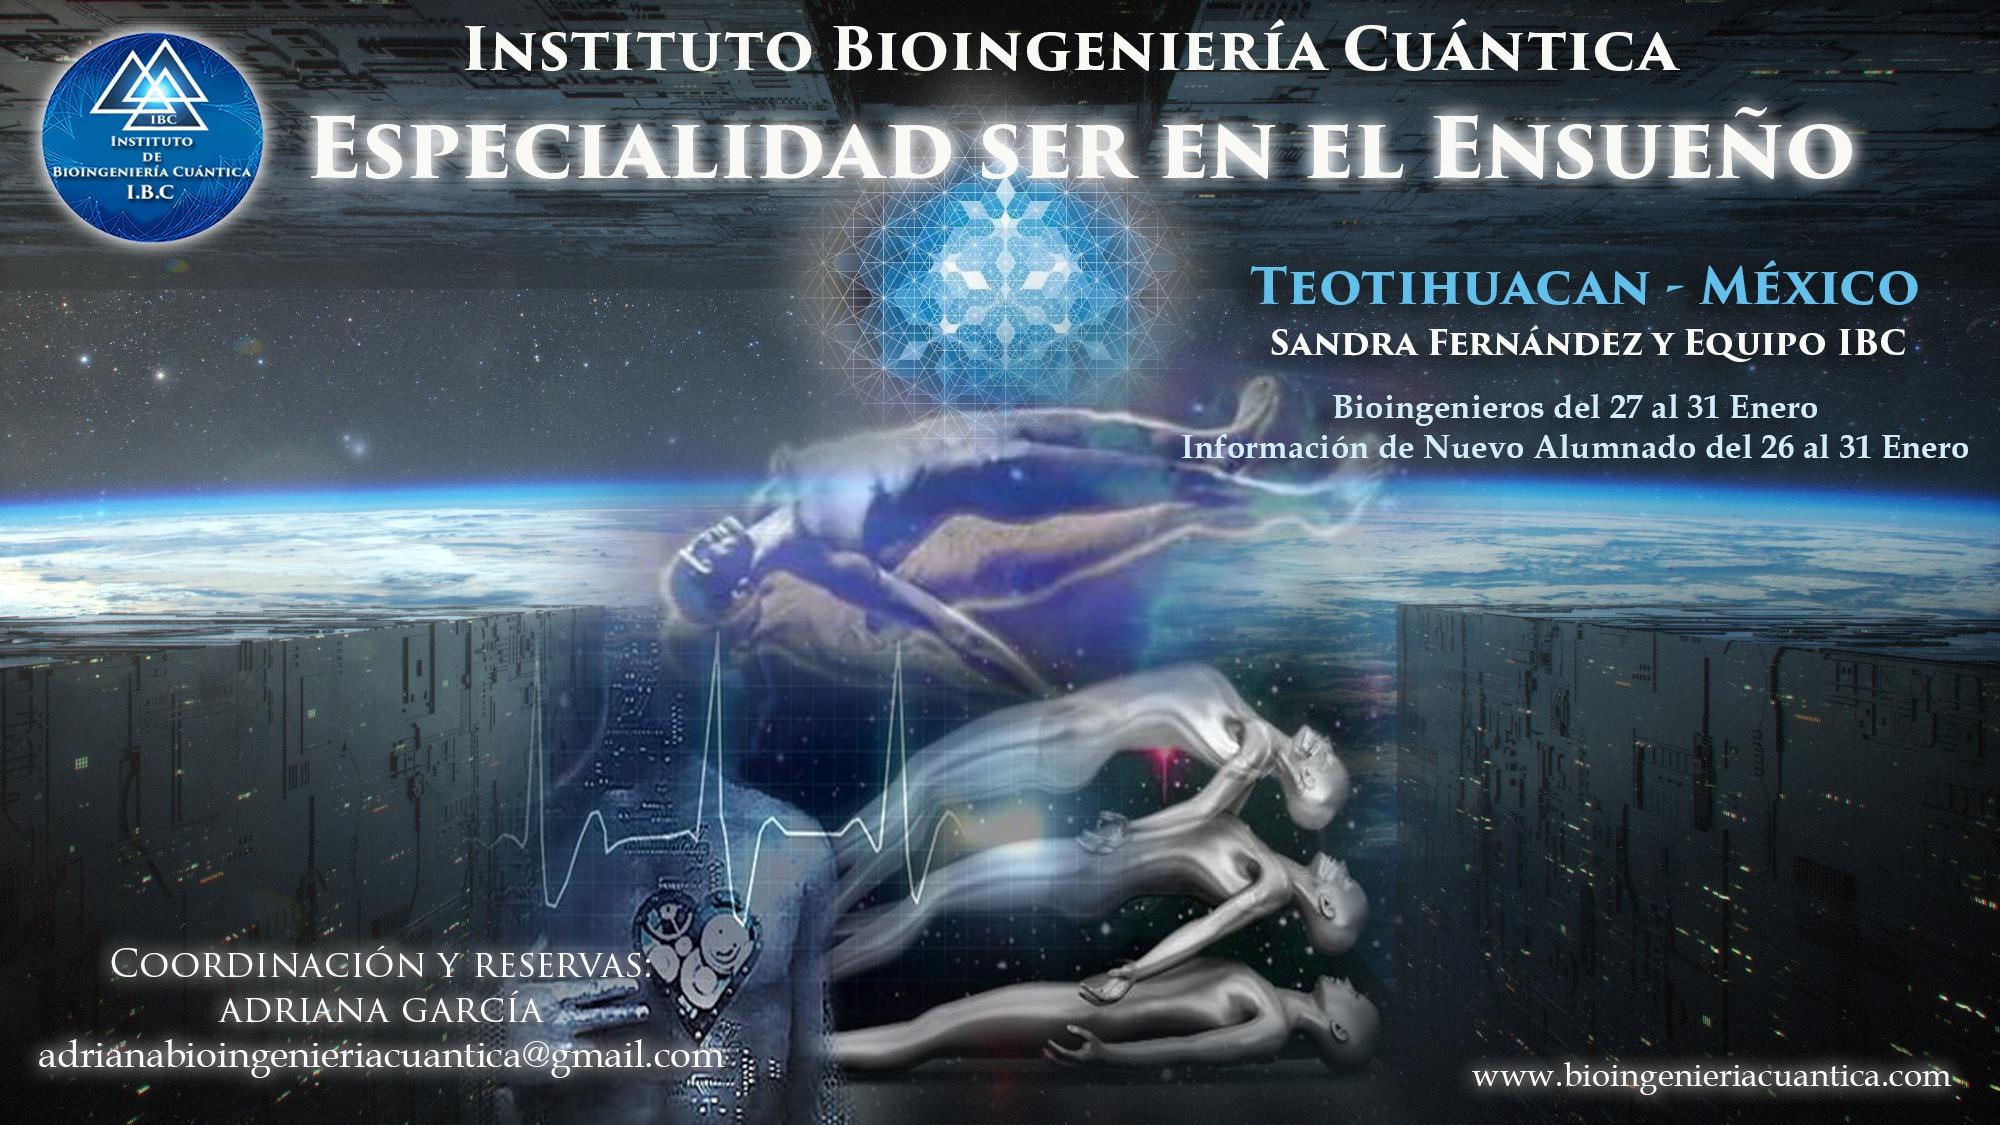 Especialidad Ser en el Ensueño con Sandra Fernández y Equipo IBC, del 26 al 31 de enero 2020 en Teotihuacan, MÉXICO